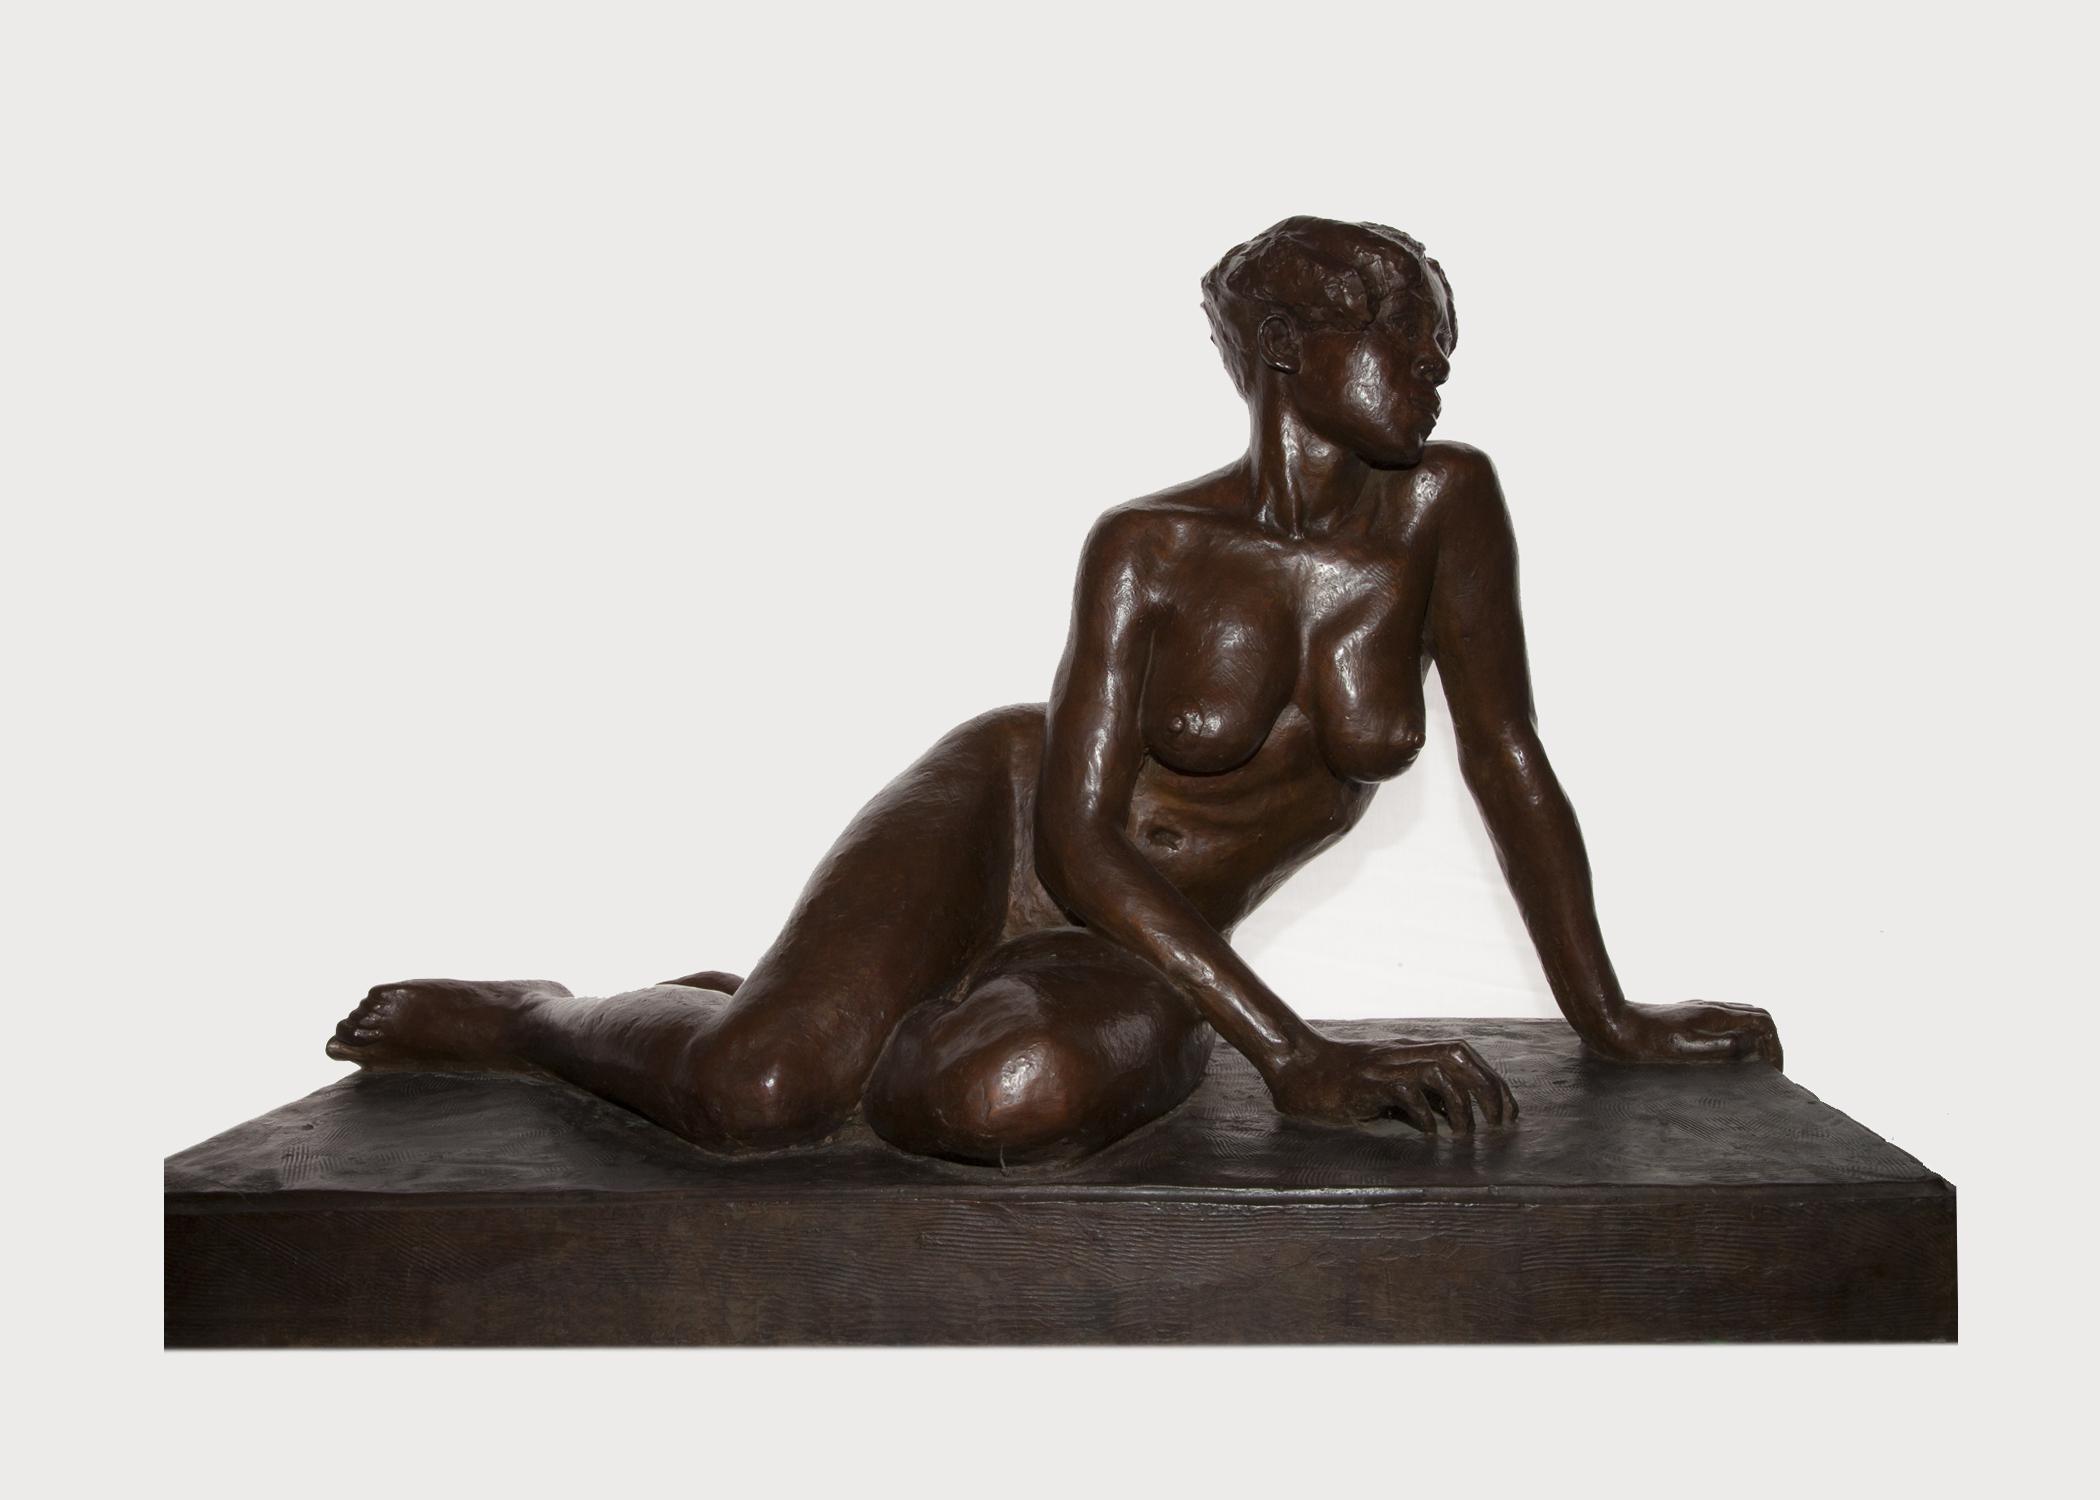 JK.nude bronze